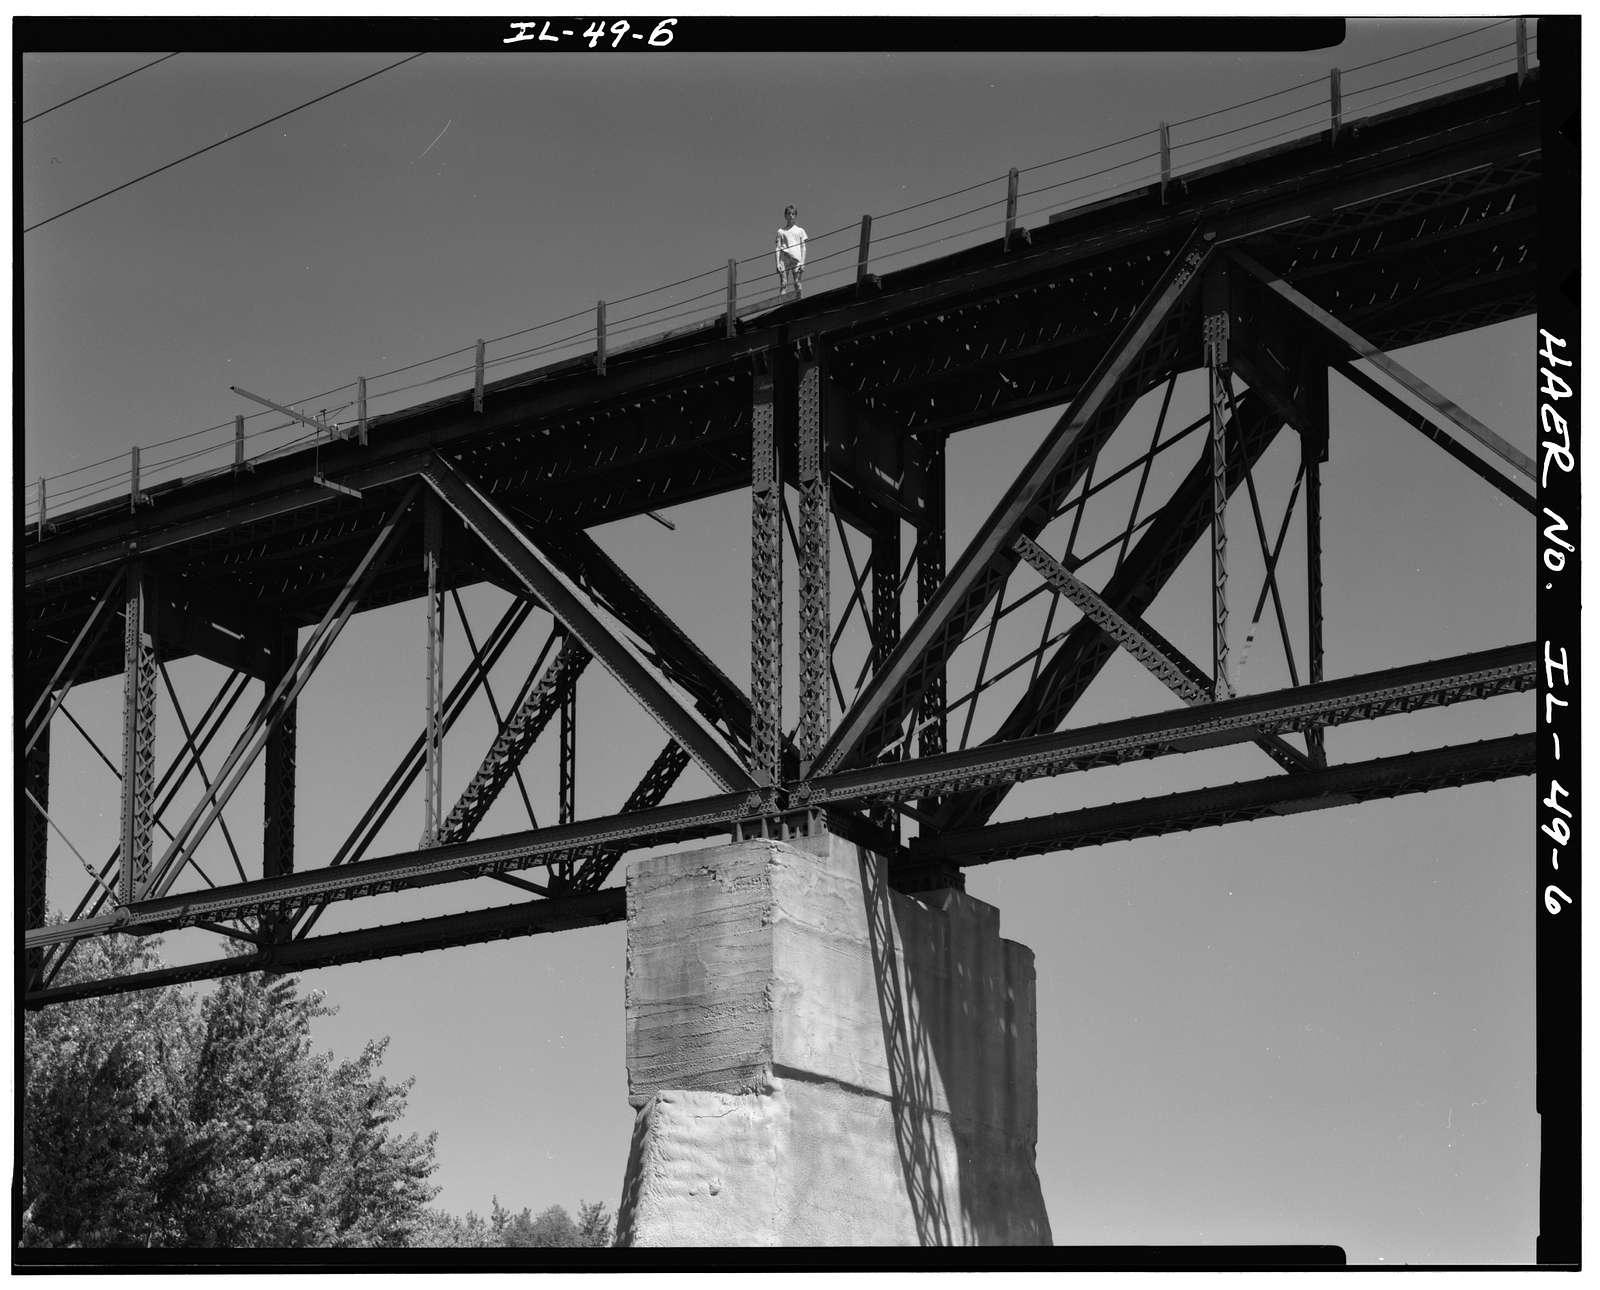 Illinois Central Railroad, Illinois River Bridge, Spanning Illinois River, La Salle, La Salle County, IL